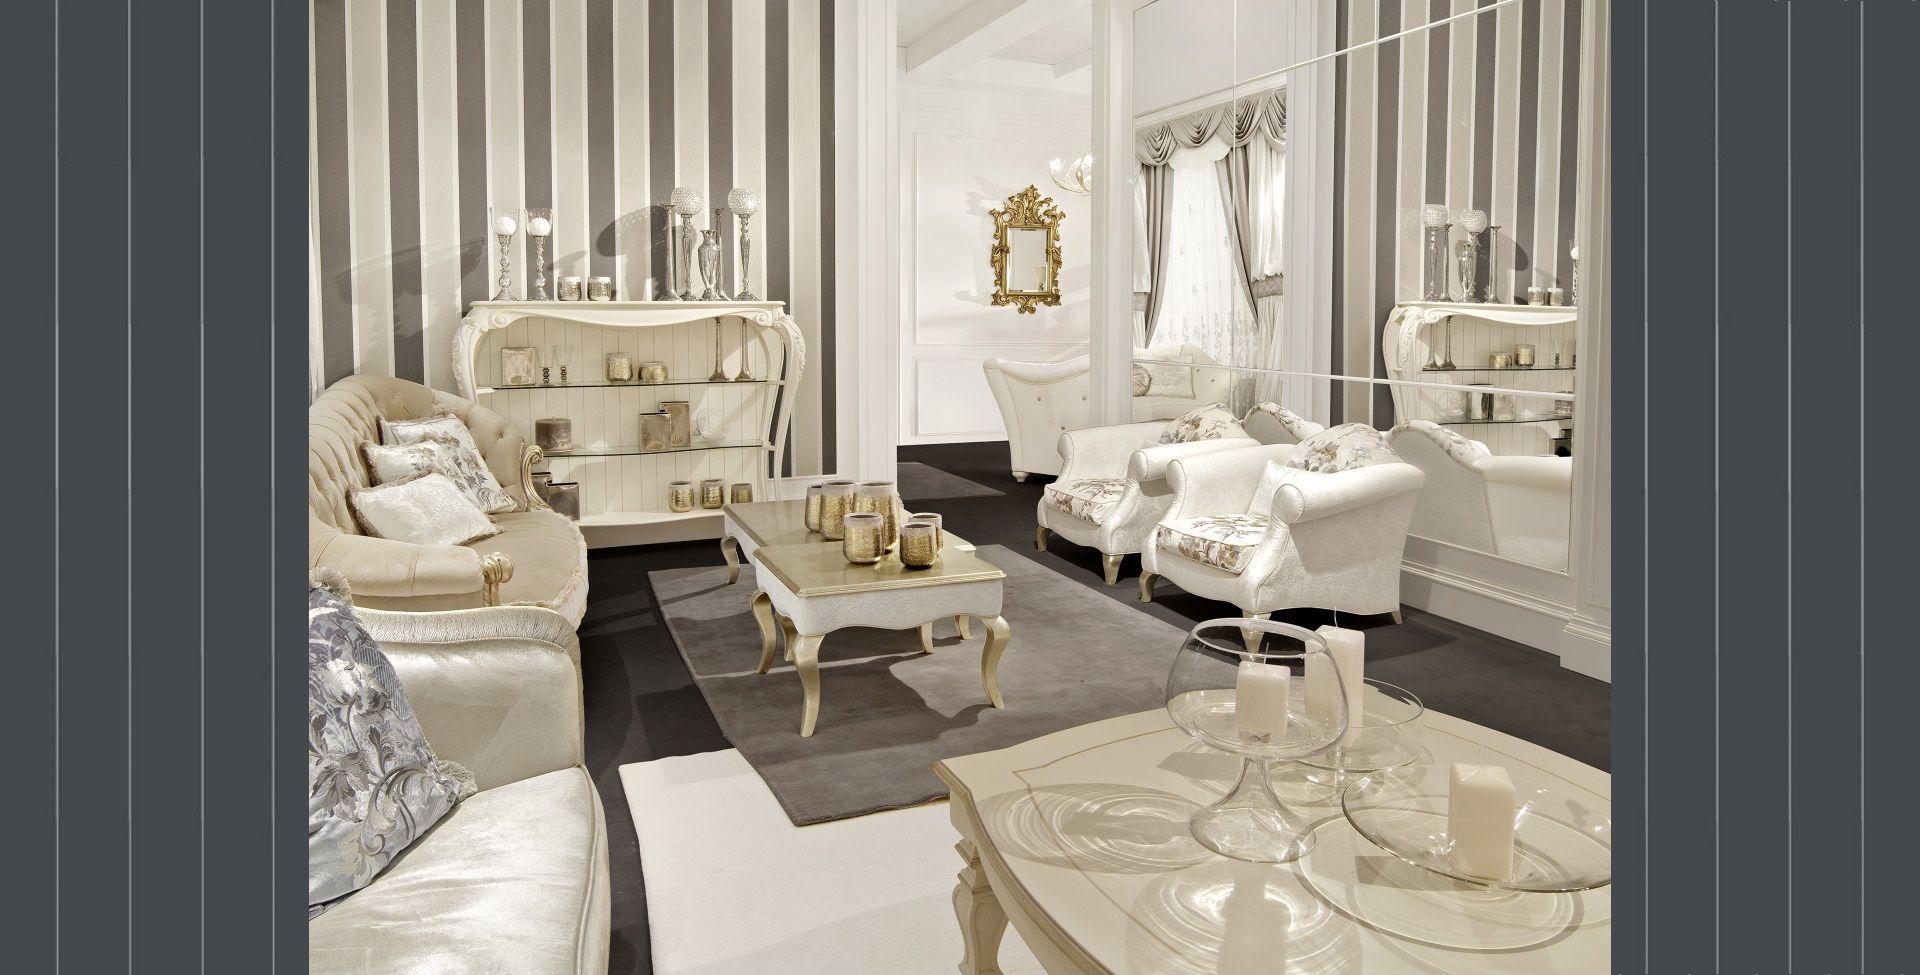 Divani classici di lusso divani in stile - Divani letto classici di lusso ...